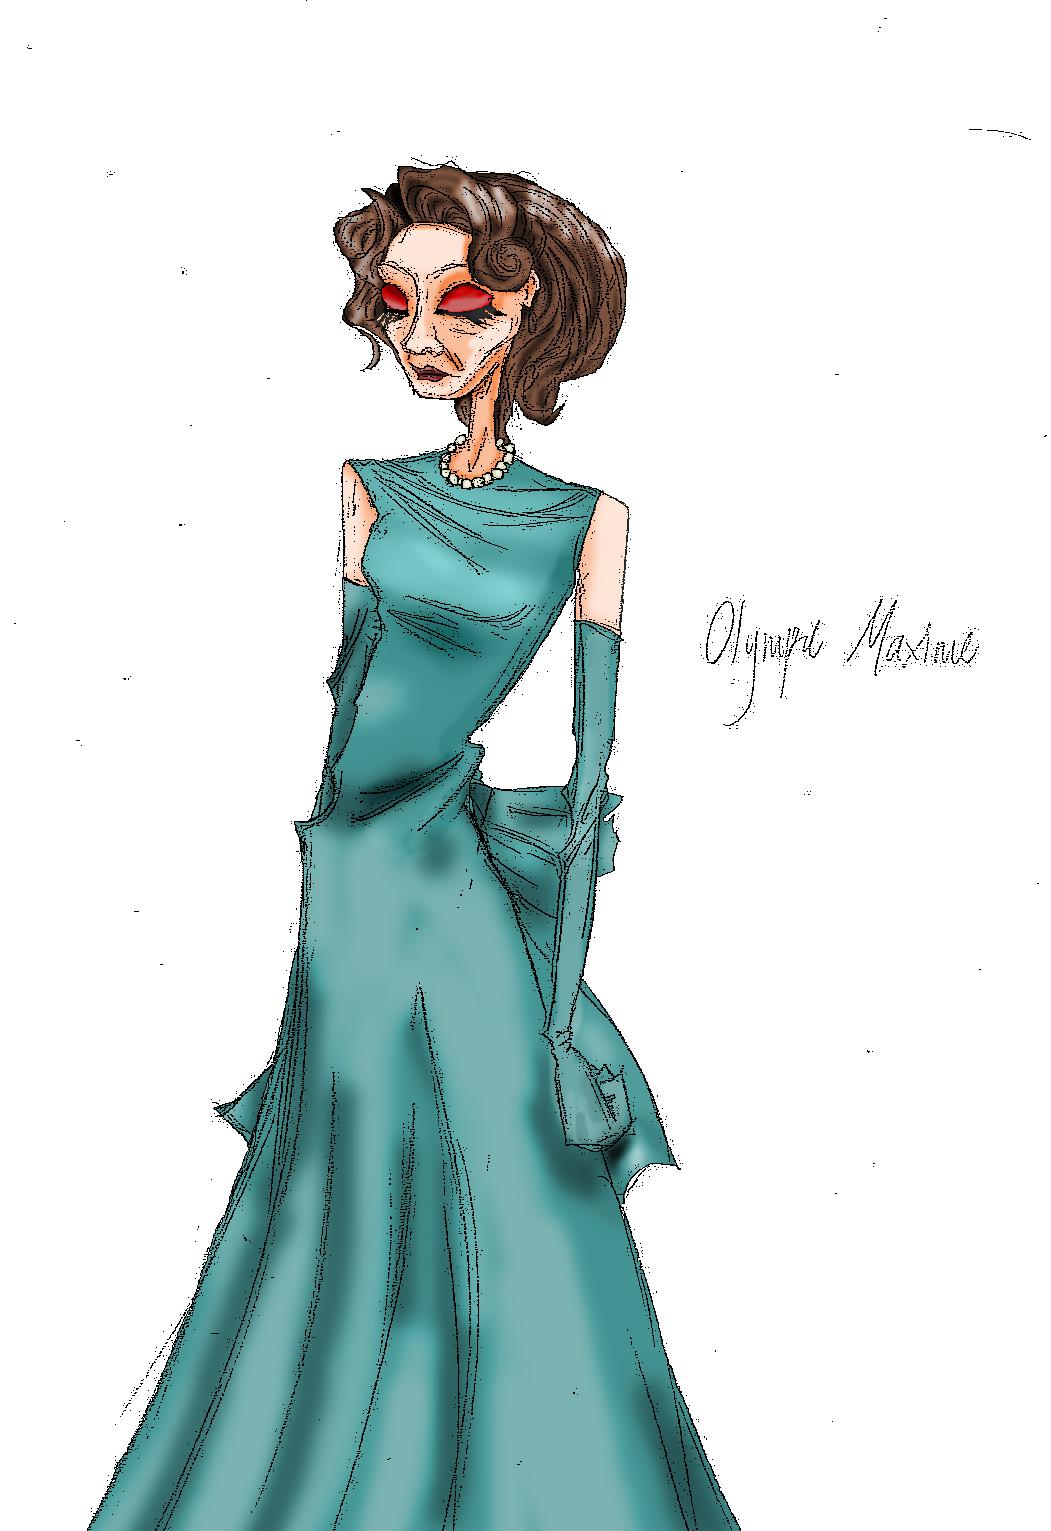 Madame Mirage by Elvenwyn on DeviantArt